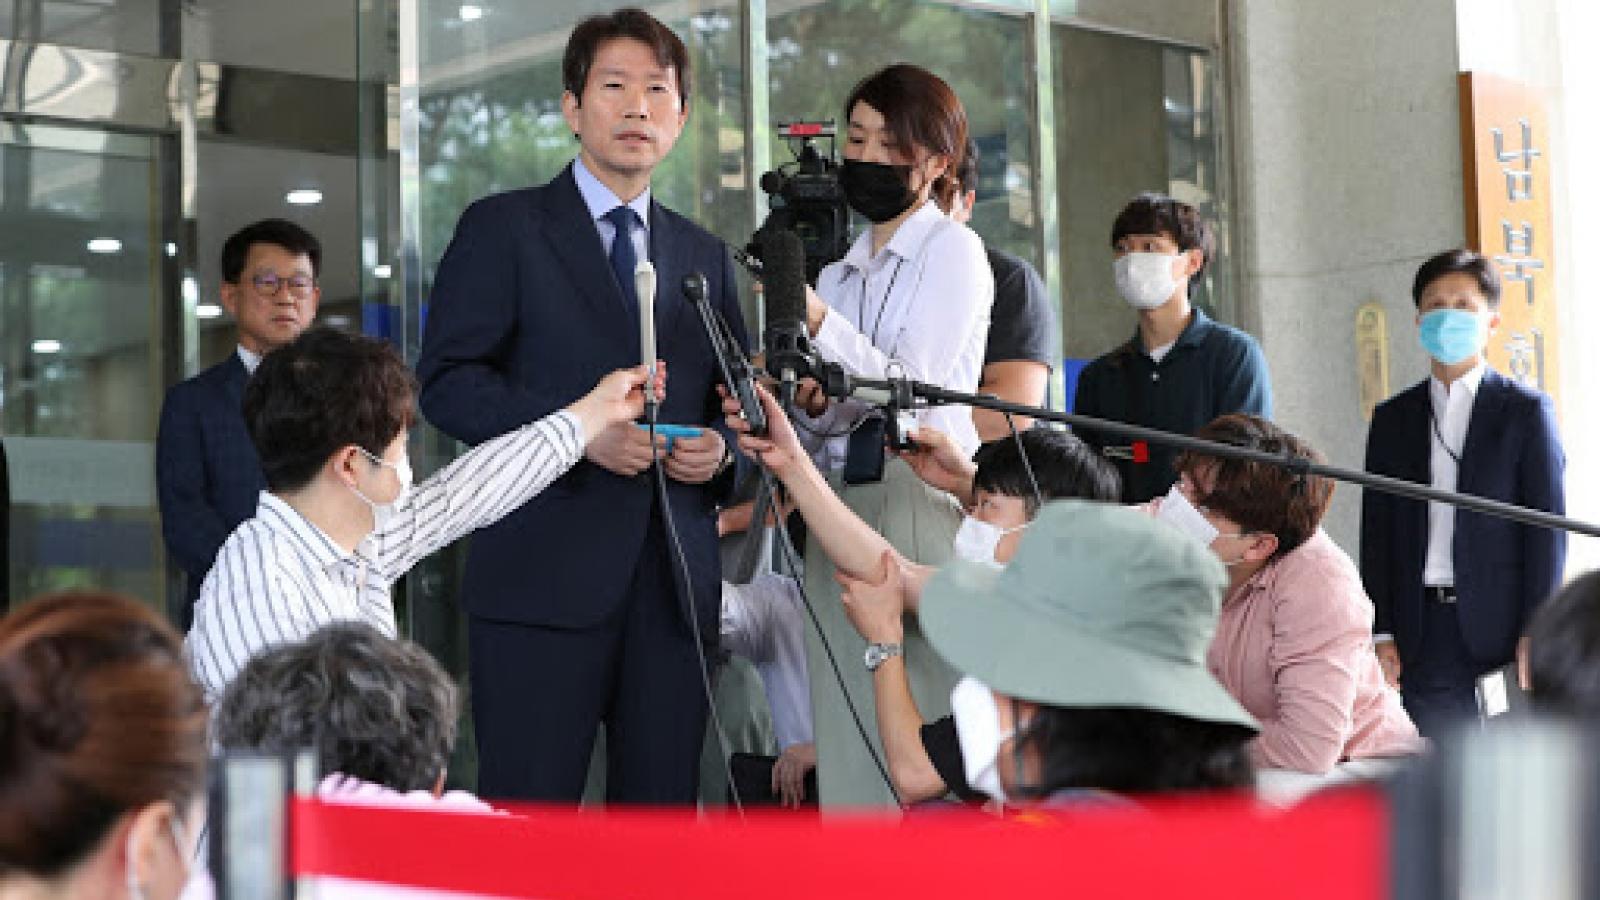 Hàn Quốc đề xuất đối thoại với Triều Tiên khi dịch Covid-19 được kiếm soát